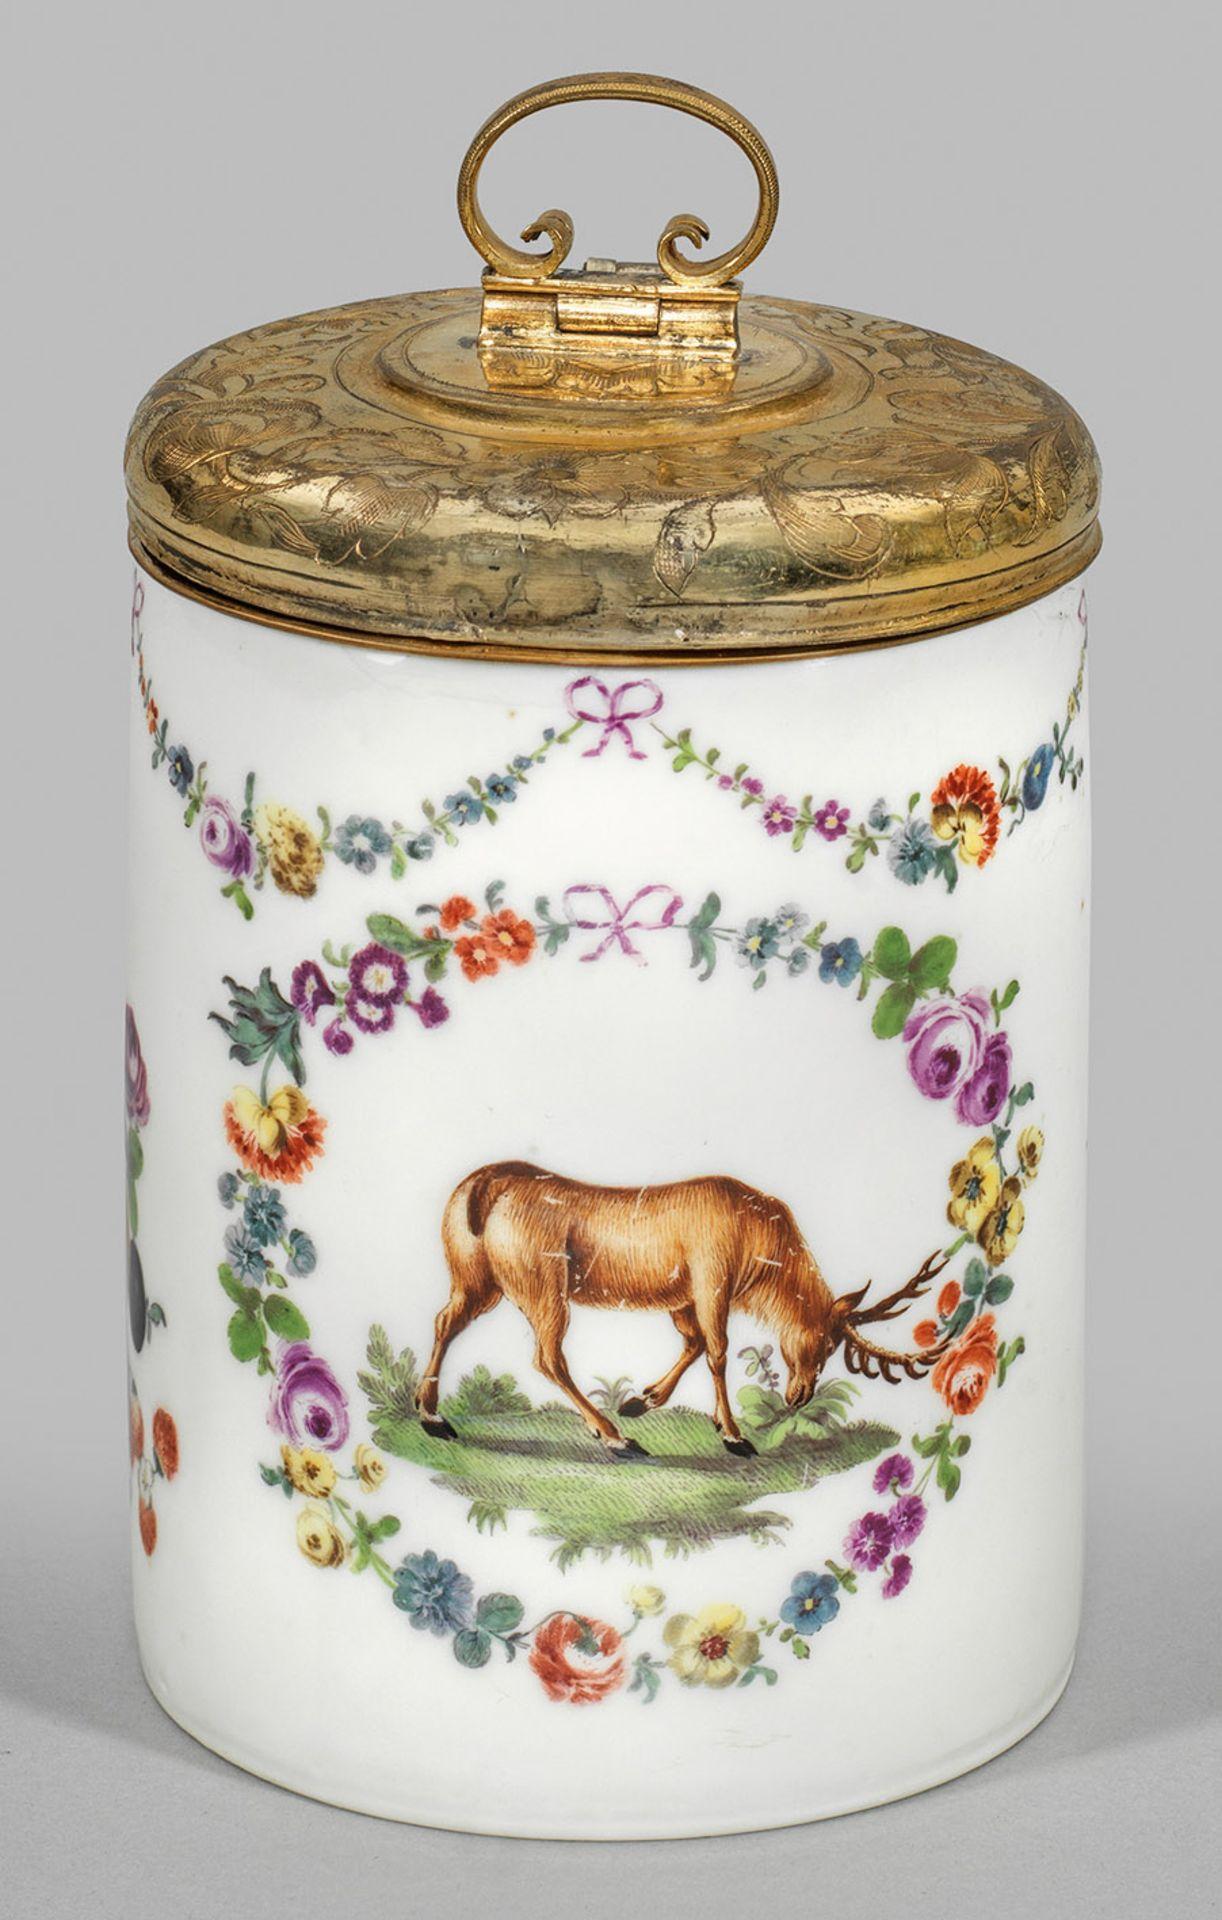 Deckelhumpen mit Hirsch- und Blumendekor - Bild 2 aus 2